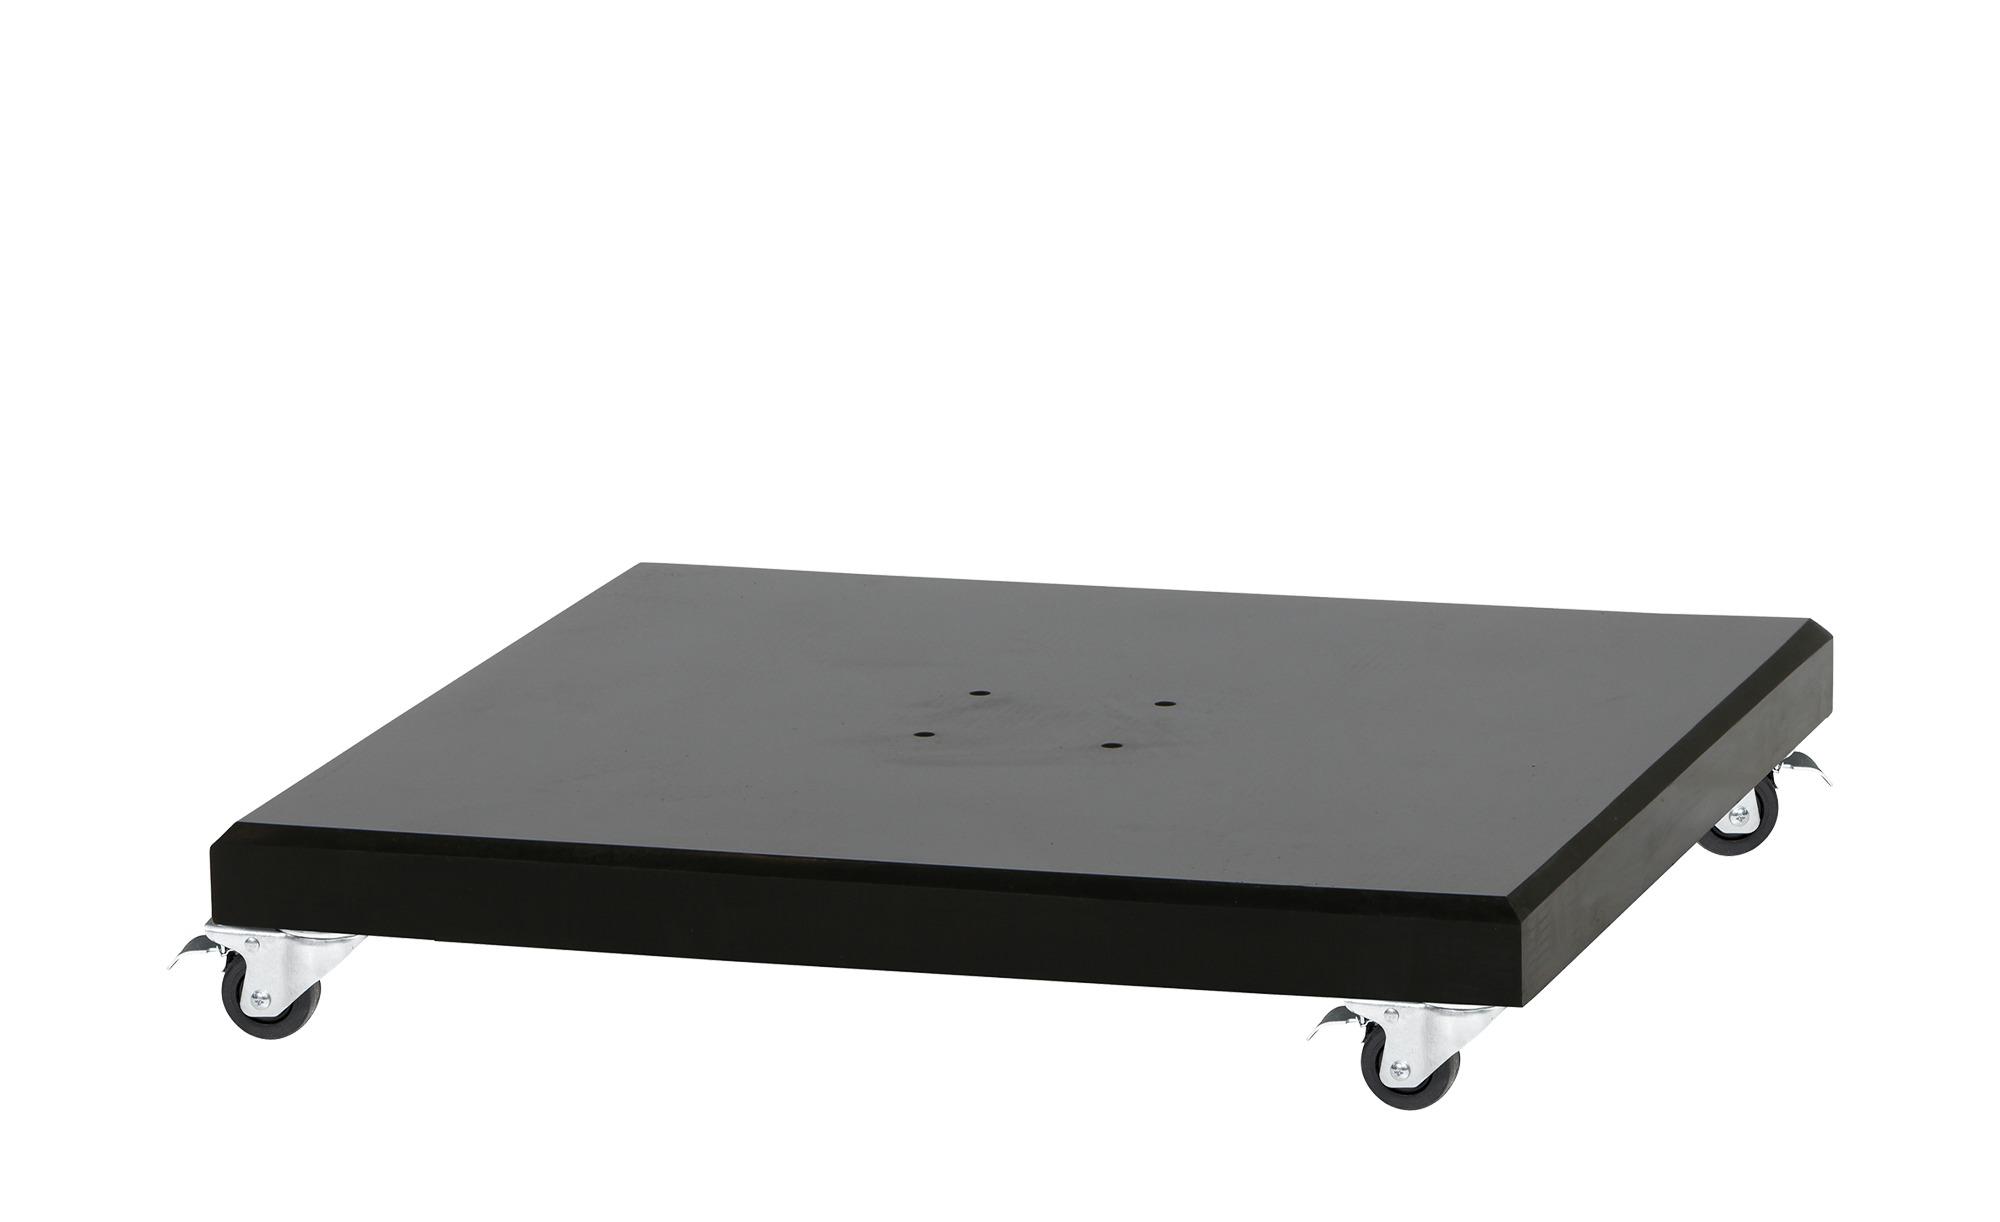 Schirmständer - schwarz - Granit - 80 cm - 17 cm - Garten > Sonnenschutz > Schirmständer - Möbel Kraft | Garten > Sonnenschirme und Markisen > Sonnenschirmständer | Möbel Kraft